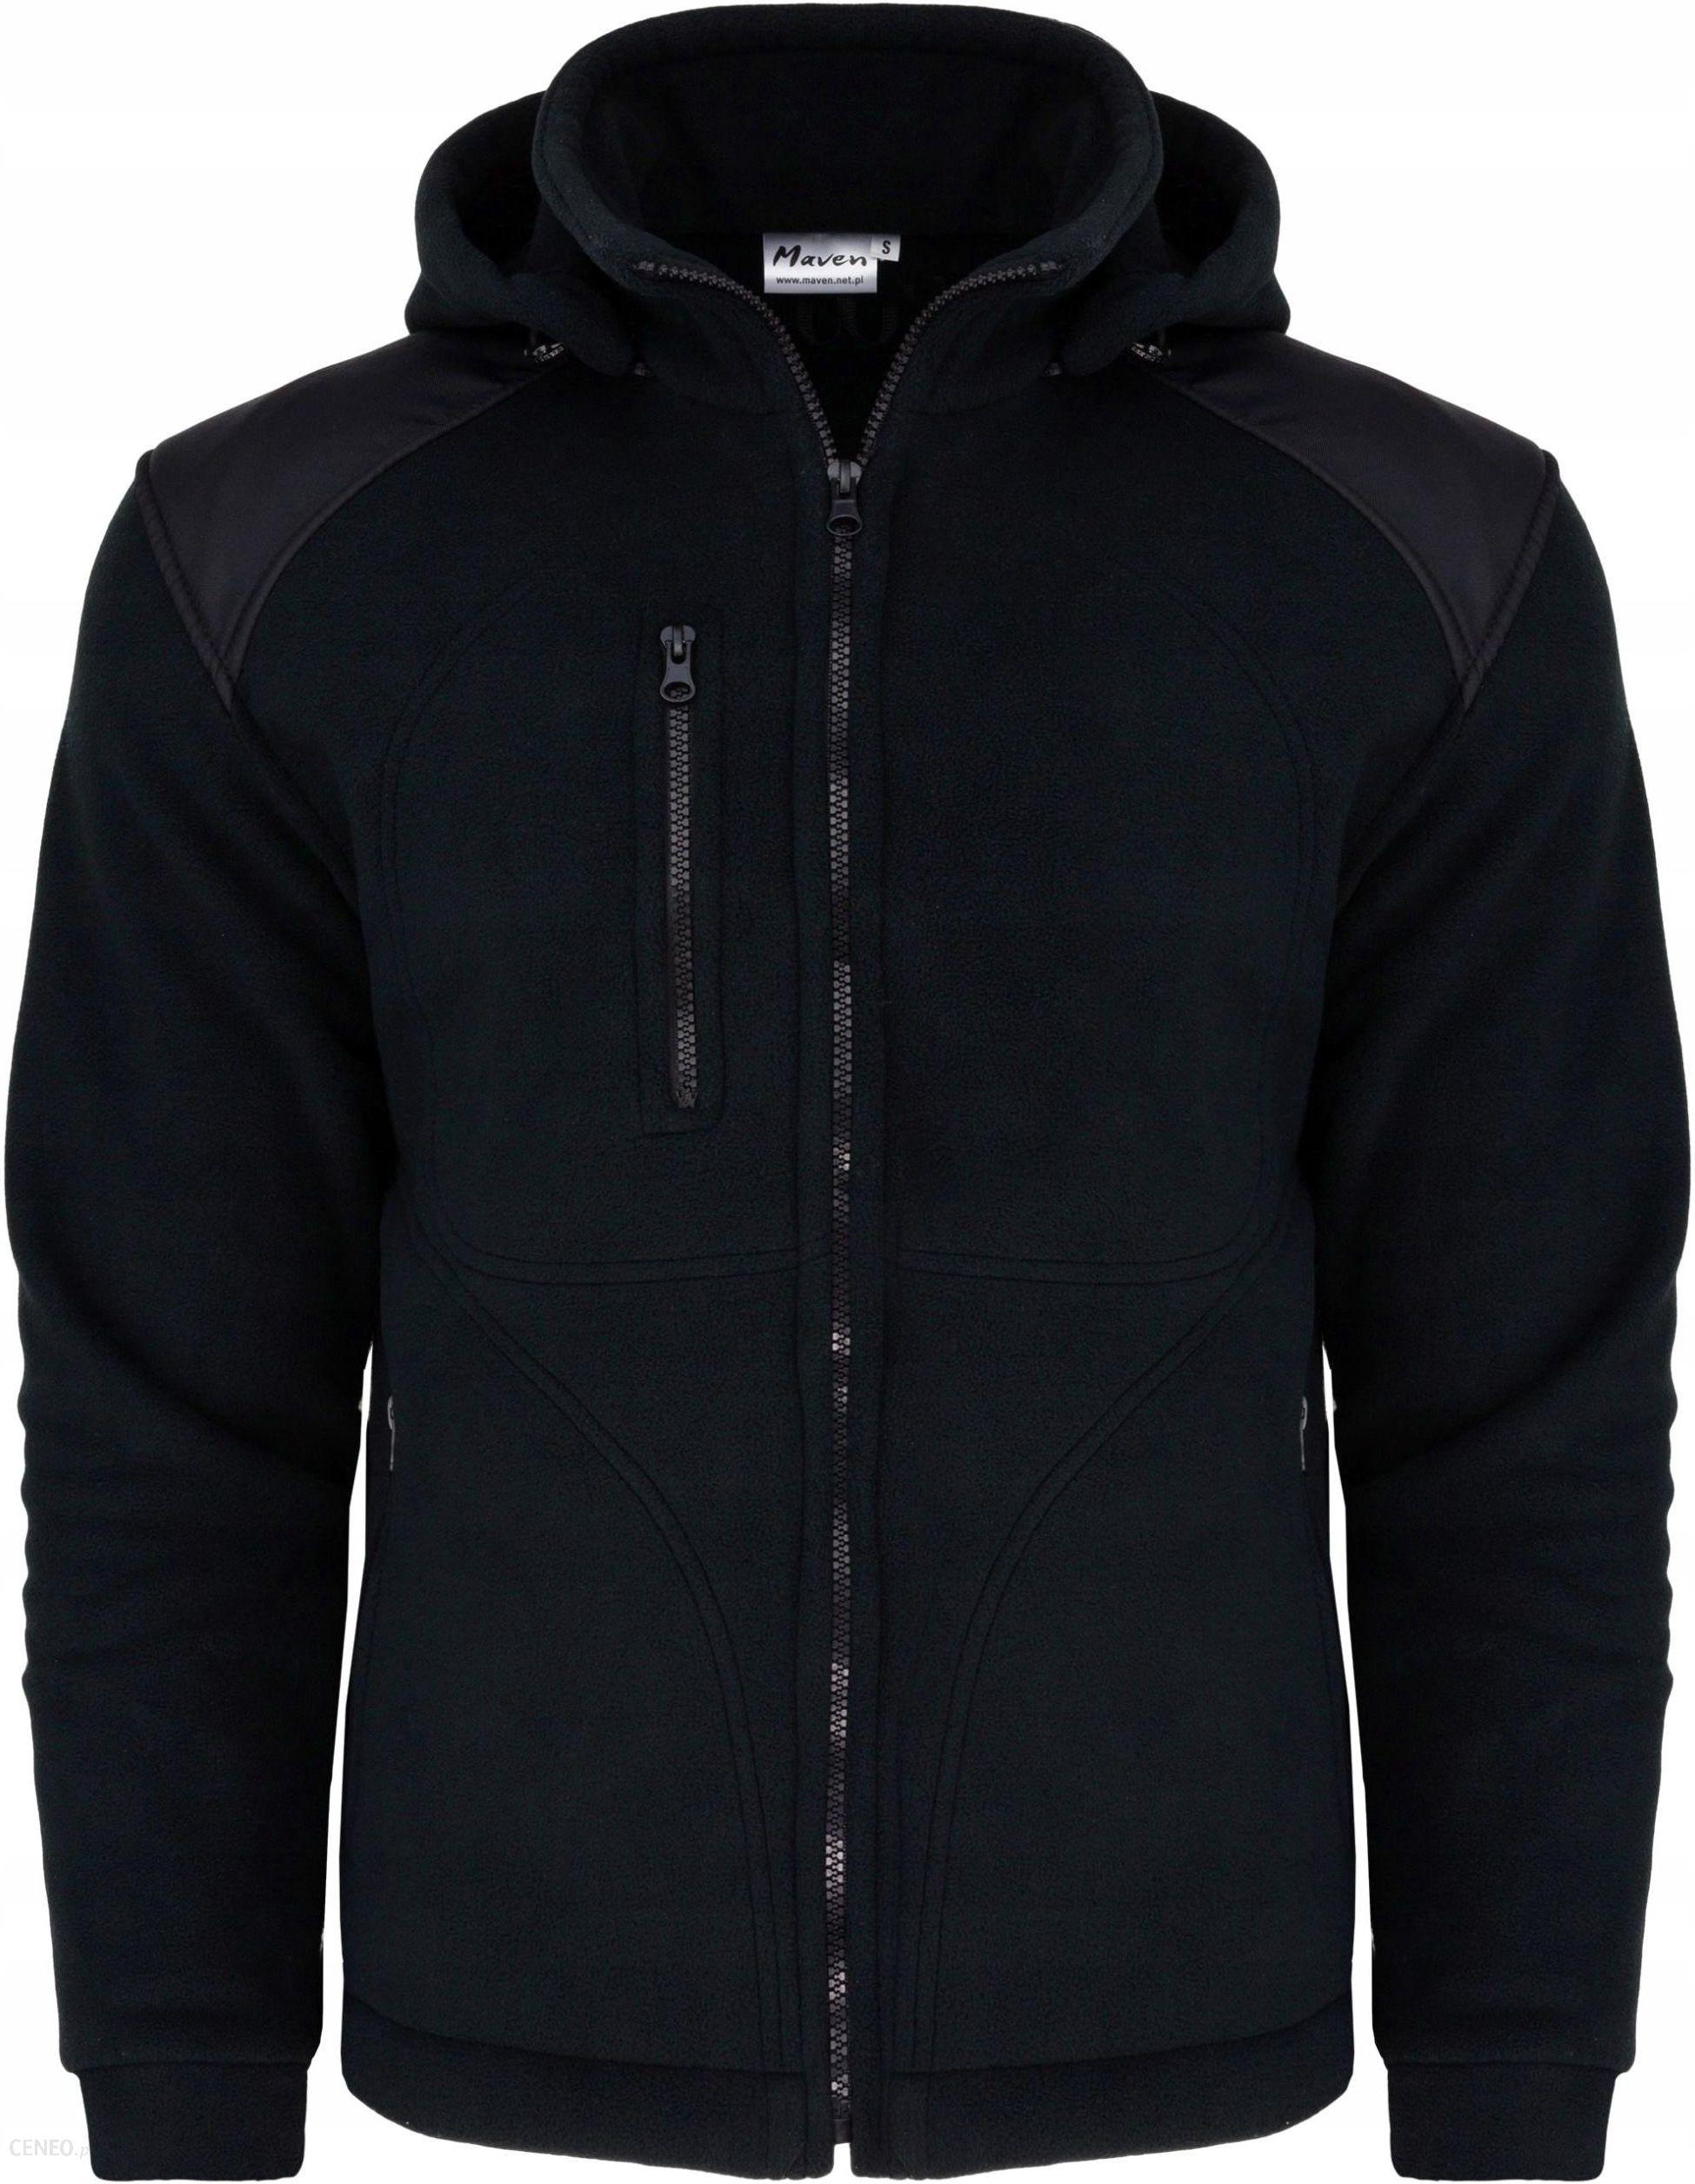 bluza z kapturem męska czarna gruba